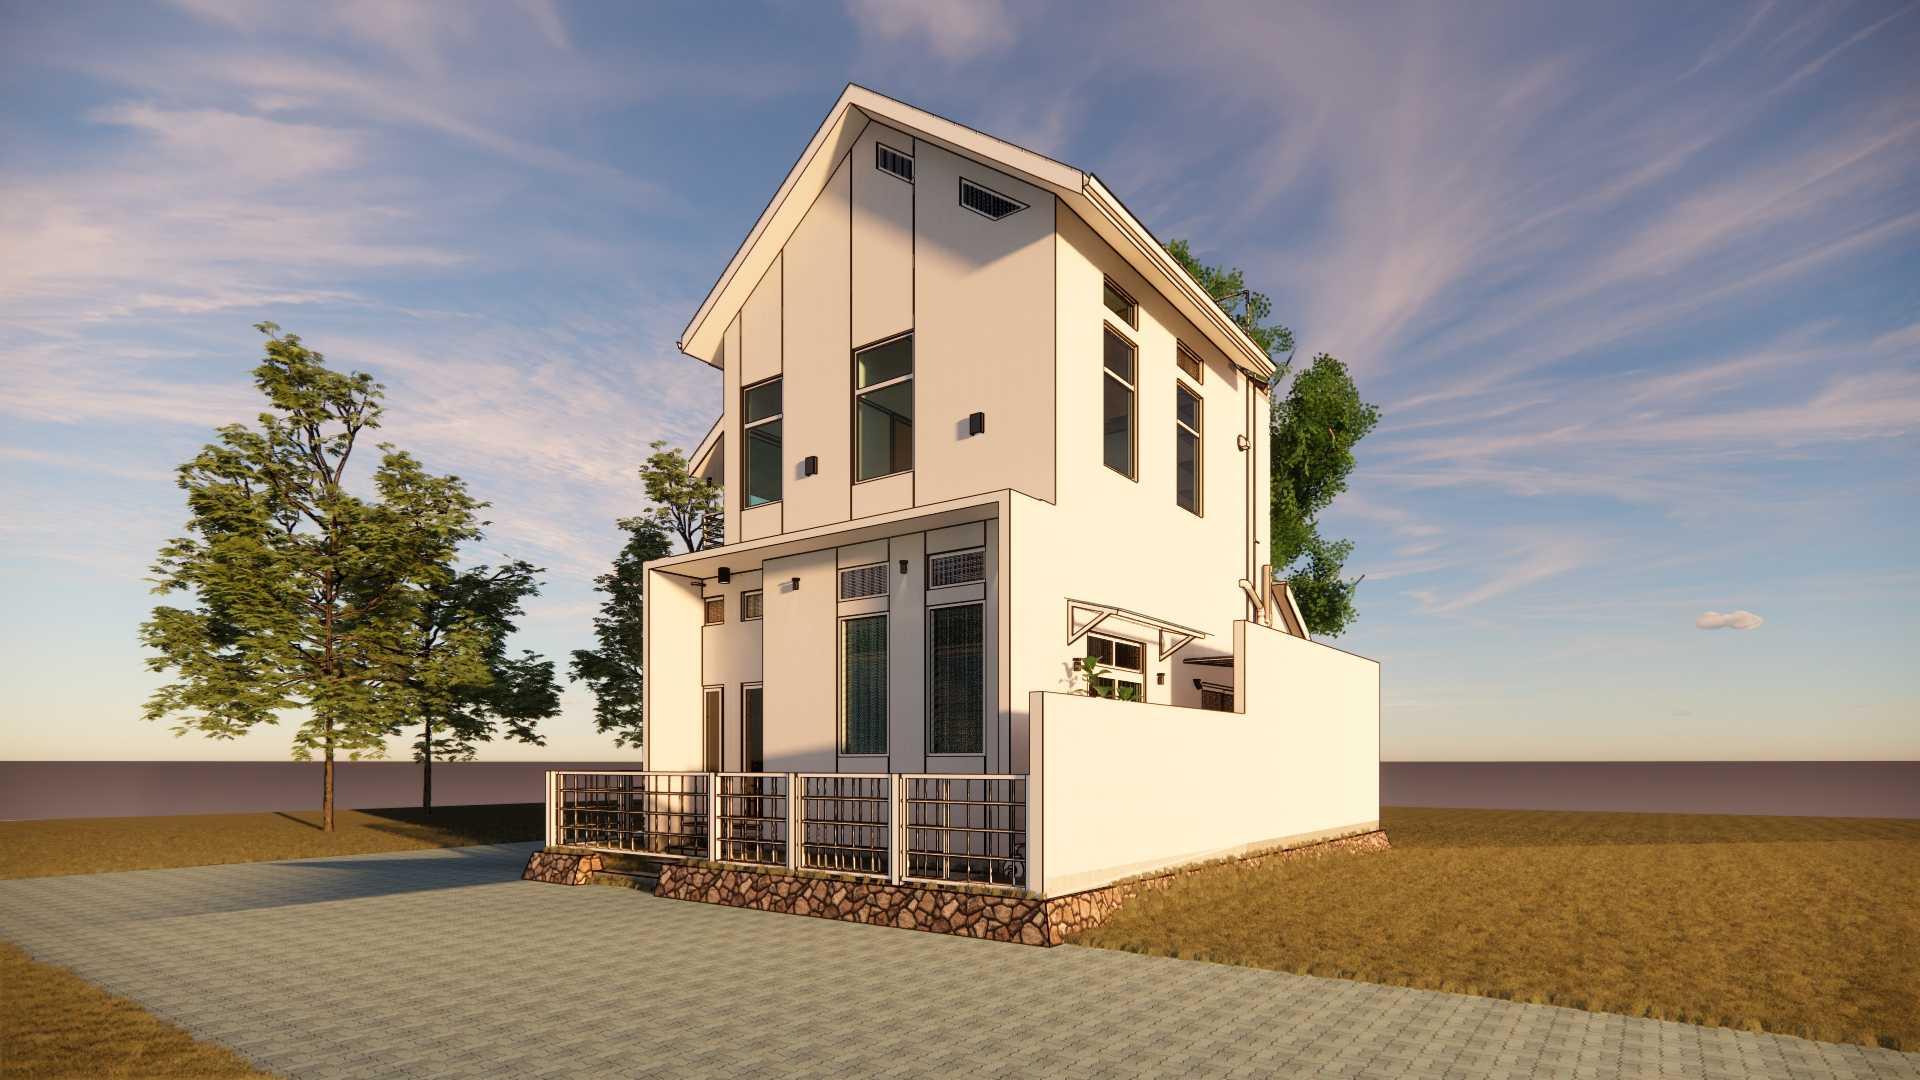 Gfs Architect T&d House Semarang, Jawa Tengah, Indonesia Semarang, Jawa Tengah, Indonesia T&d 3D Eksterior Depan Pagi Minimalist <P>3D Eksterior Pada Pagi Hari</p> 108740